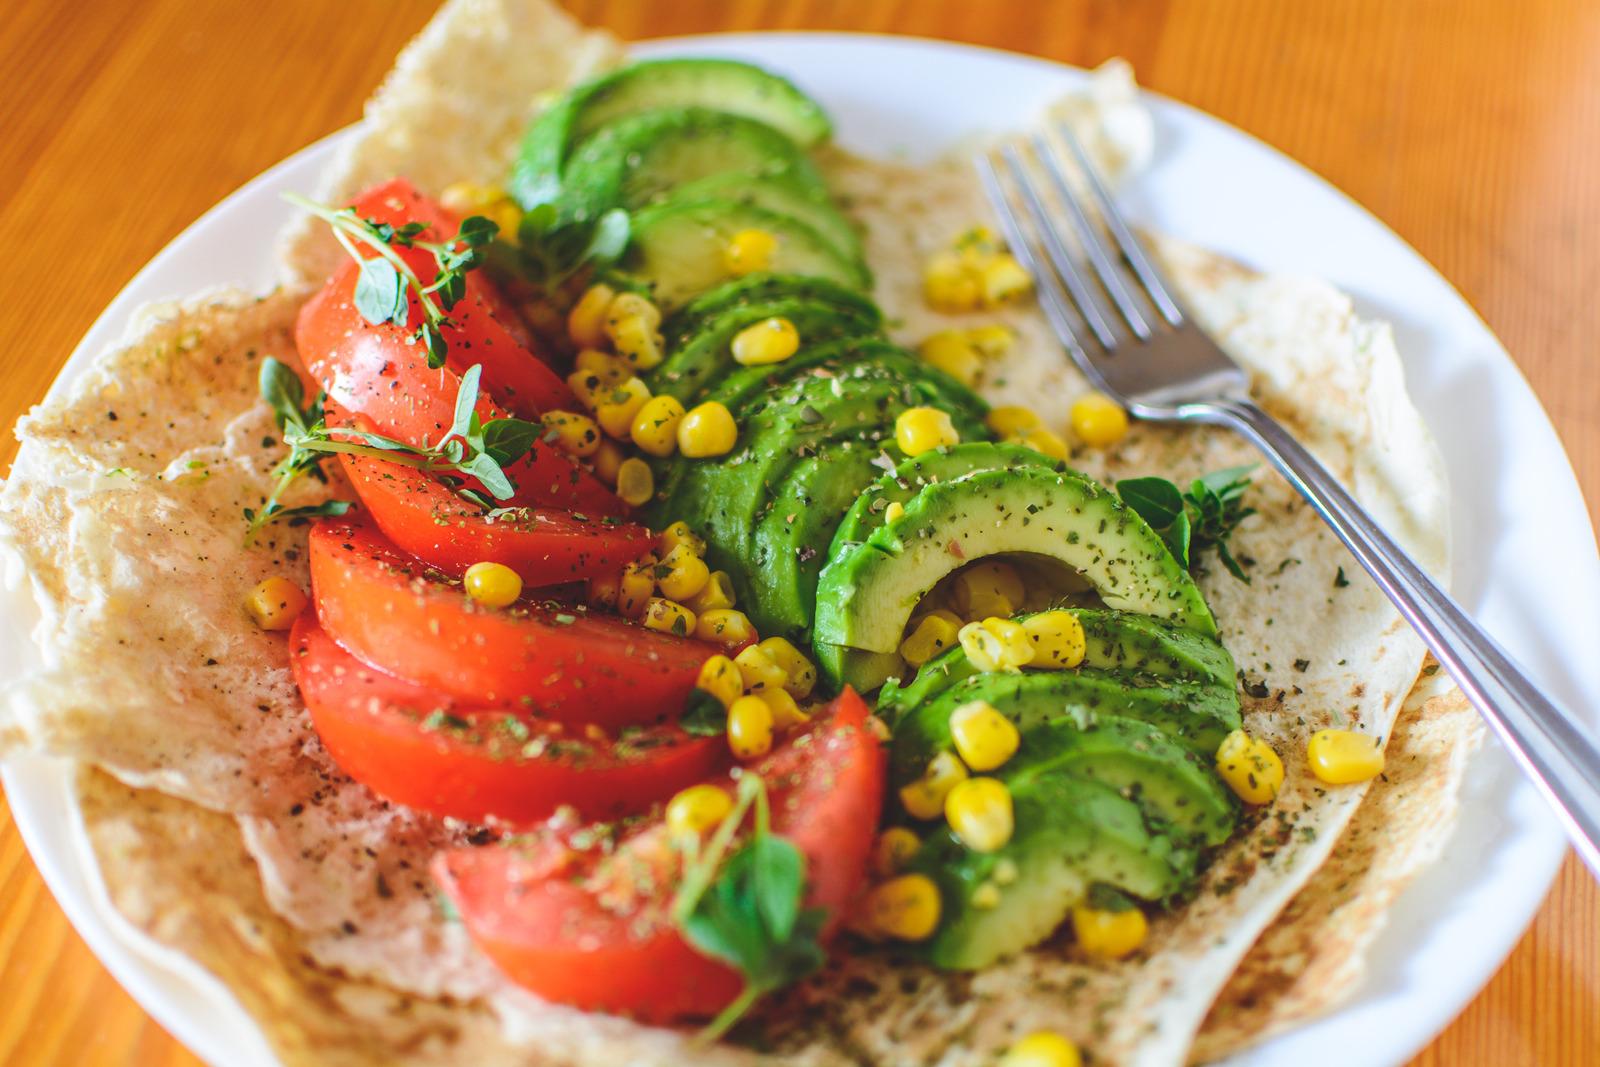 Rico, fácil y delicioso. ¡Así son las recetas veganas!